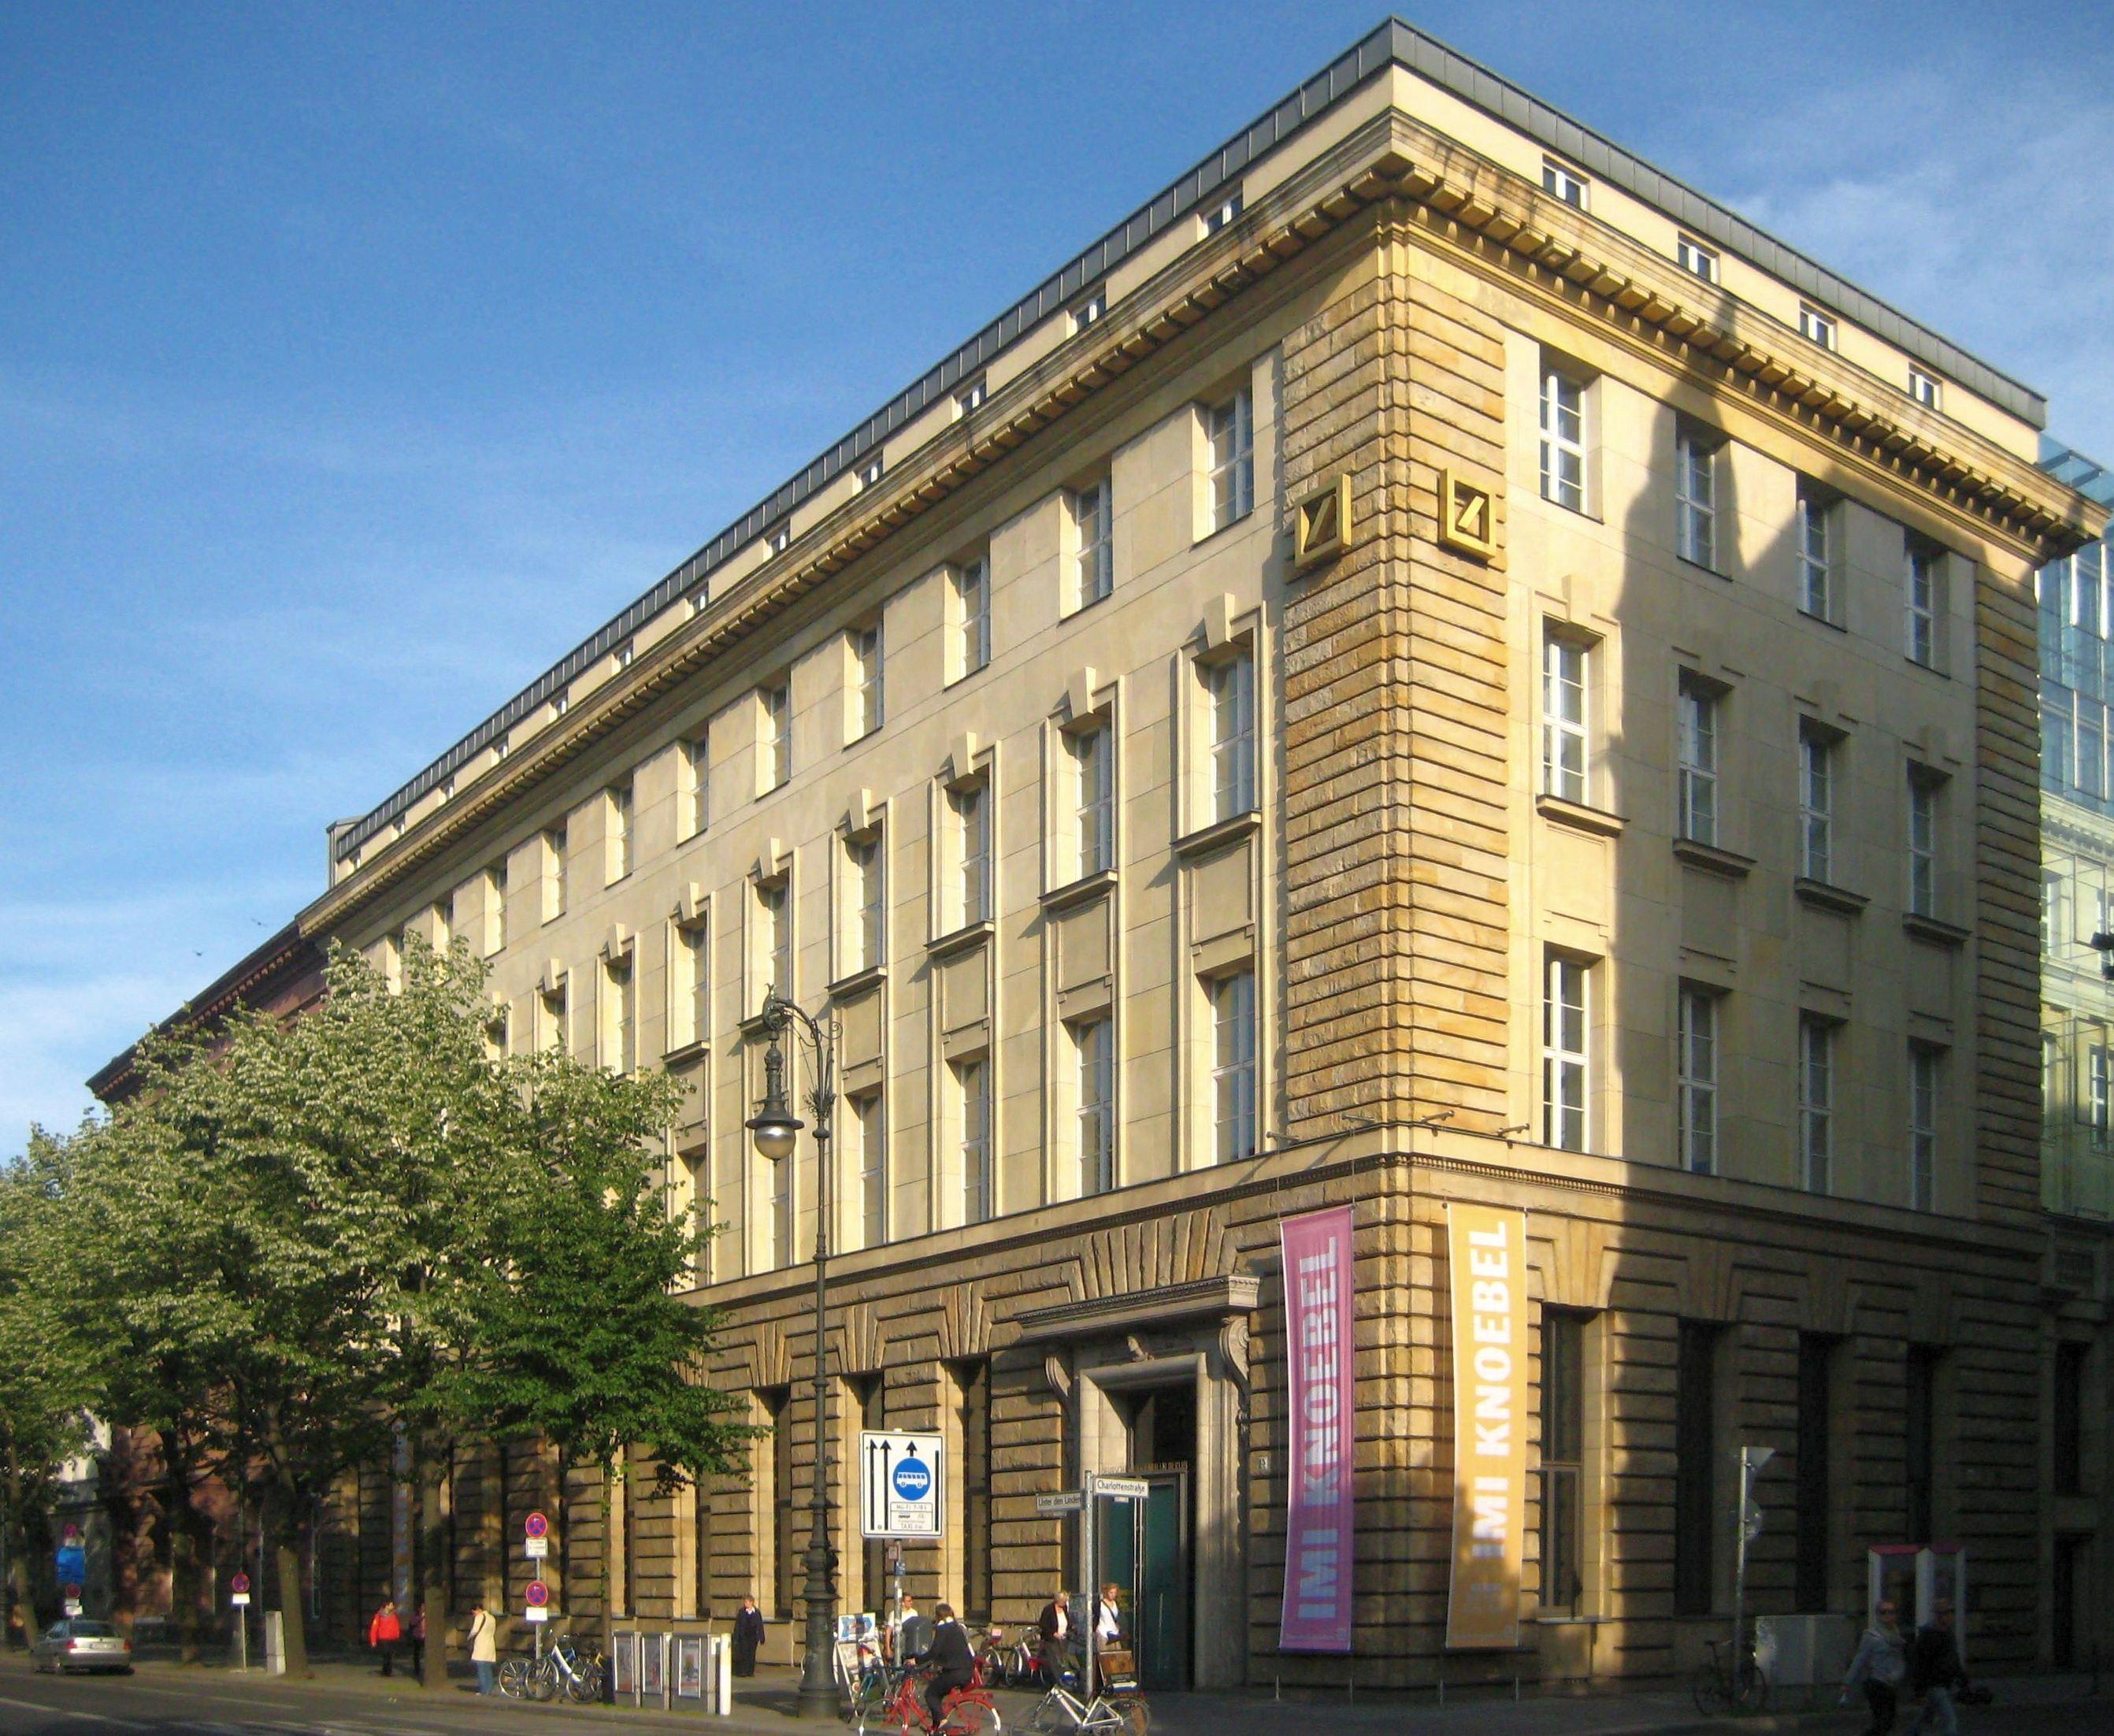 Deutsche Bank KunstHalle – Wikipedia